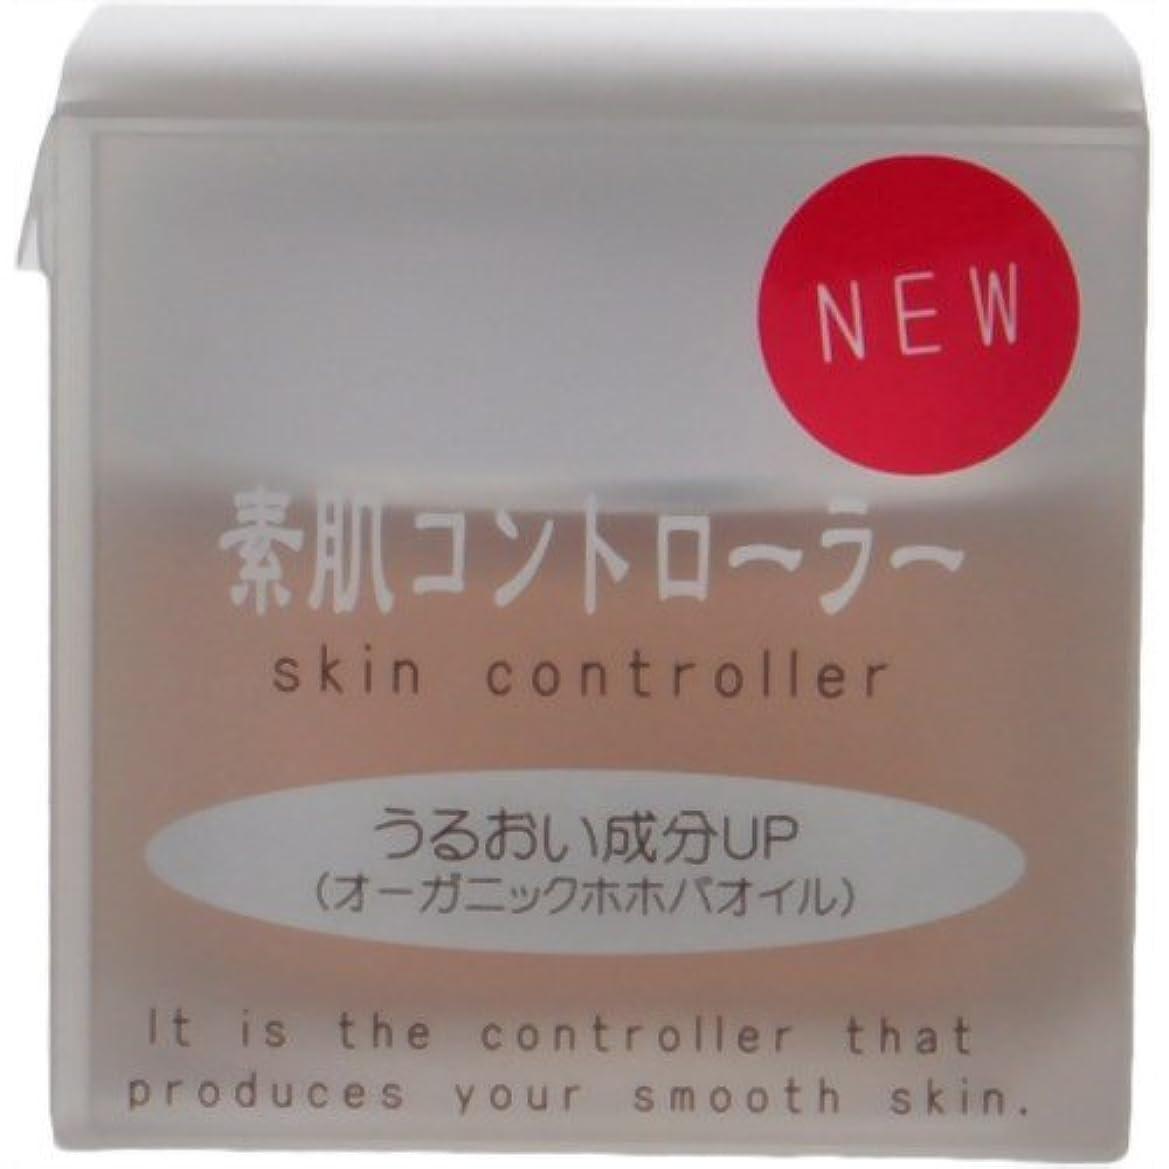 に自動スノーケル素肌コントローラー 40g